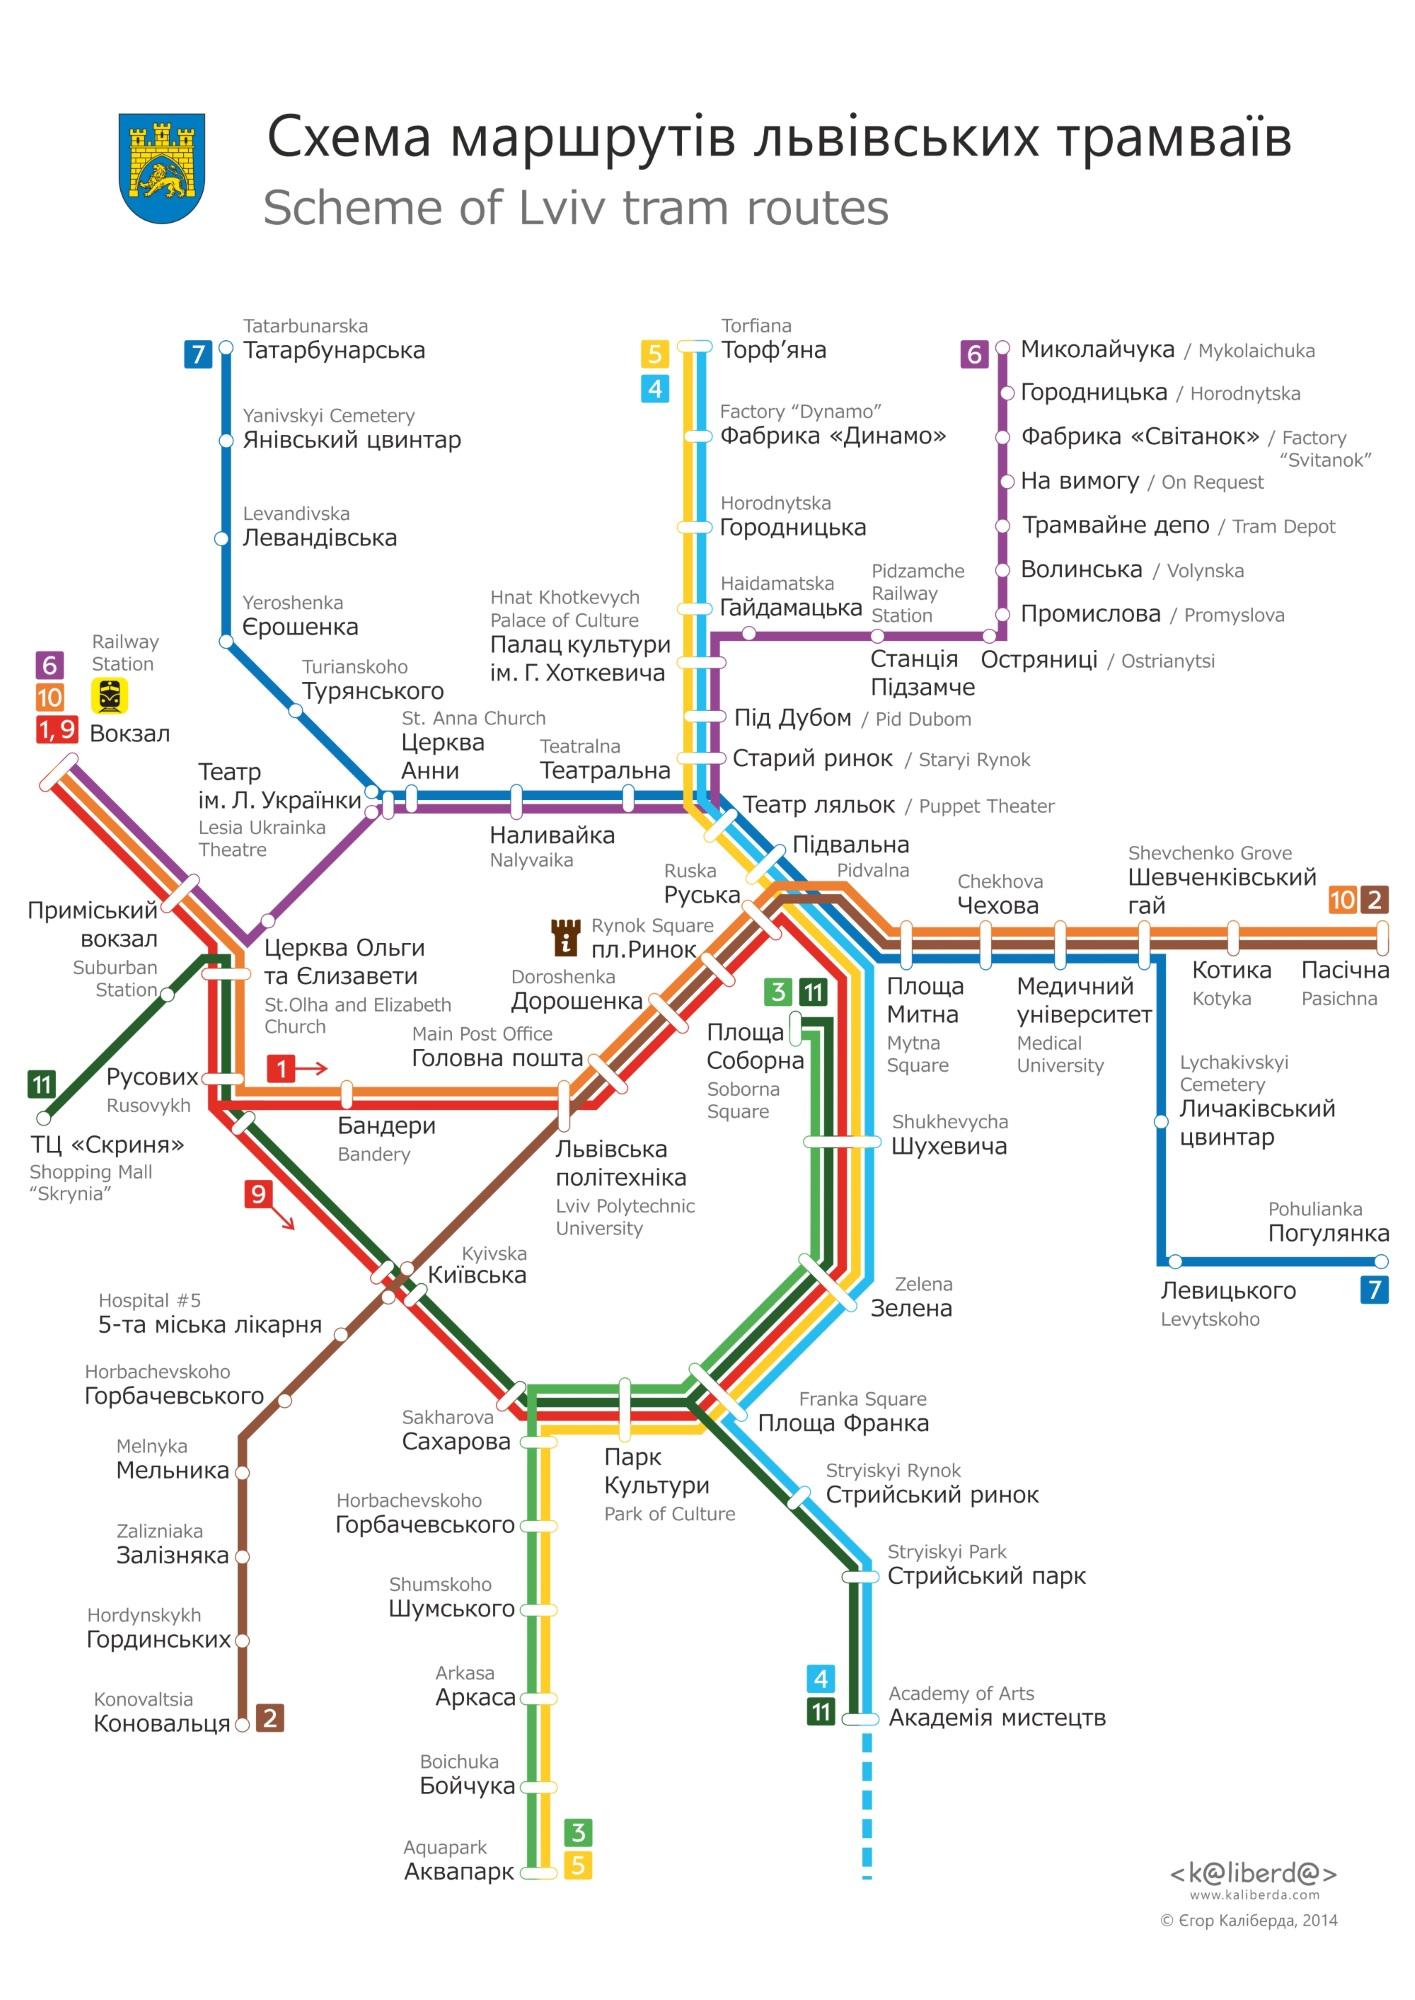 Lviv Tramvay Hatları, Lviv Şehir İçi Ulaşım, Ukrayna Lviv Tramvayları, Lviv Nostaljik Tramvayları, Lviv Tramway, Lviv de Ulaşım Ne Kadar, Lviv Ulaşım Pahalı